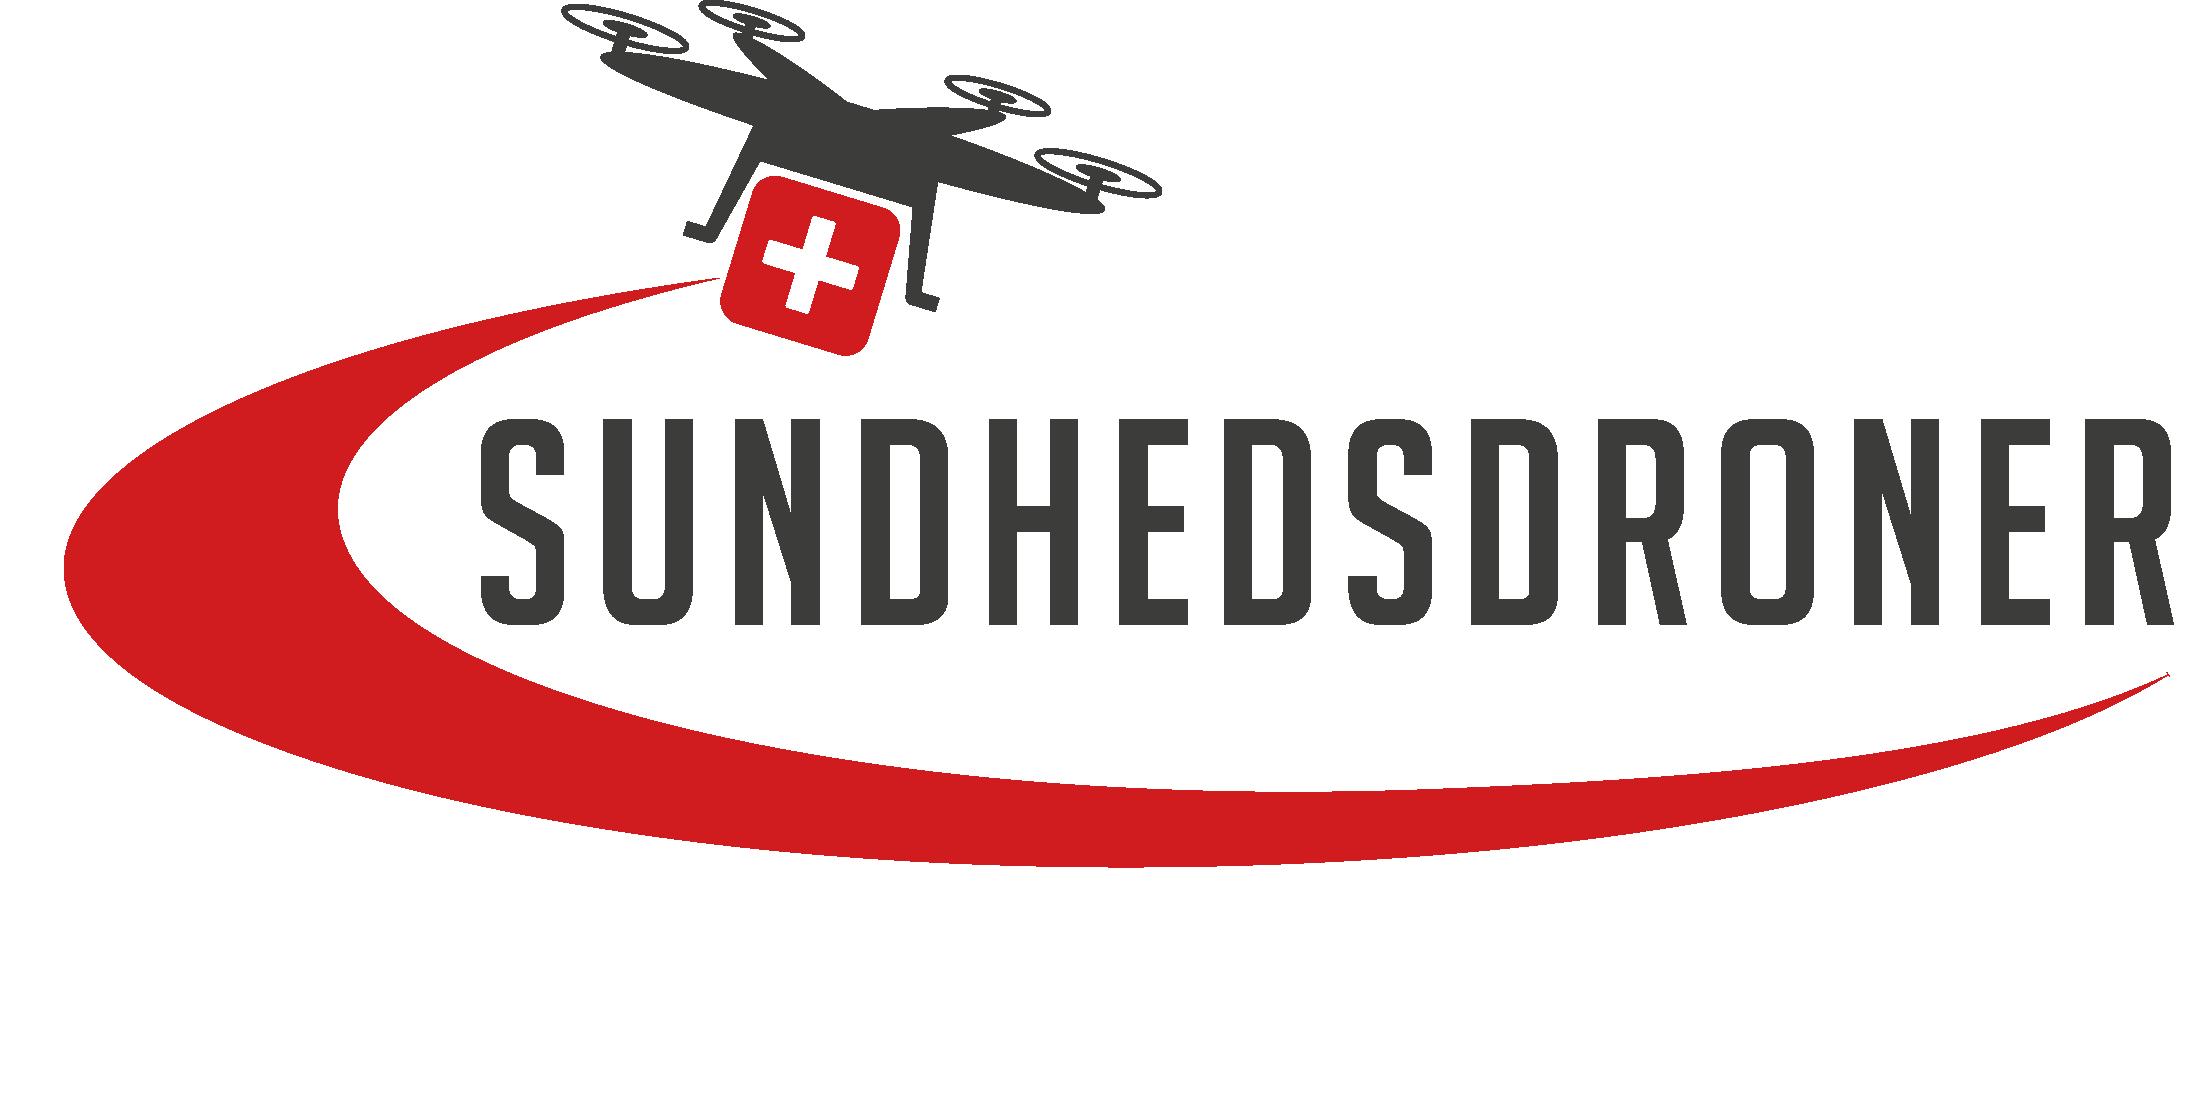 Sundhedsdroner logo